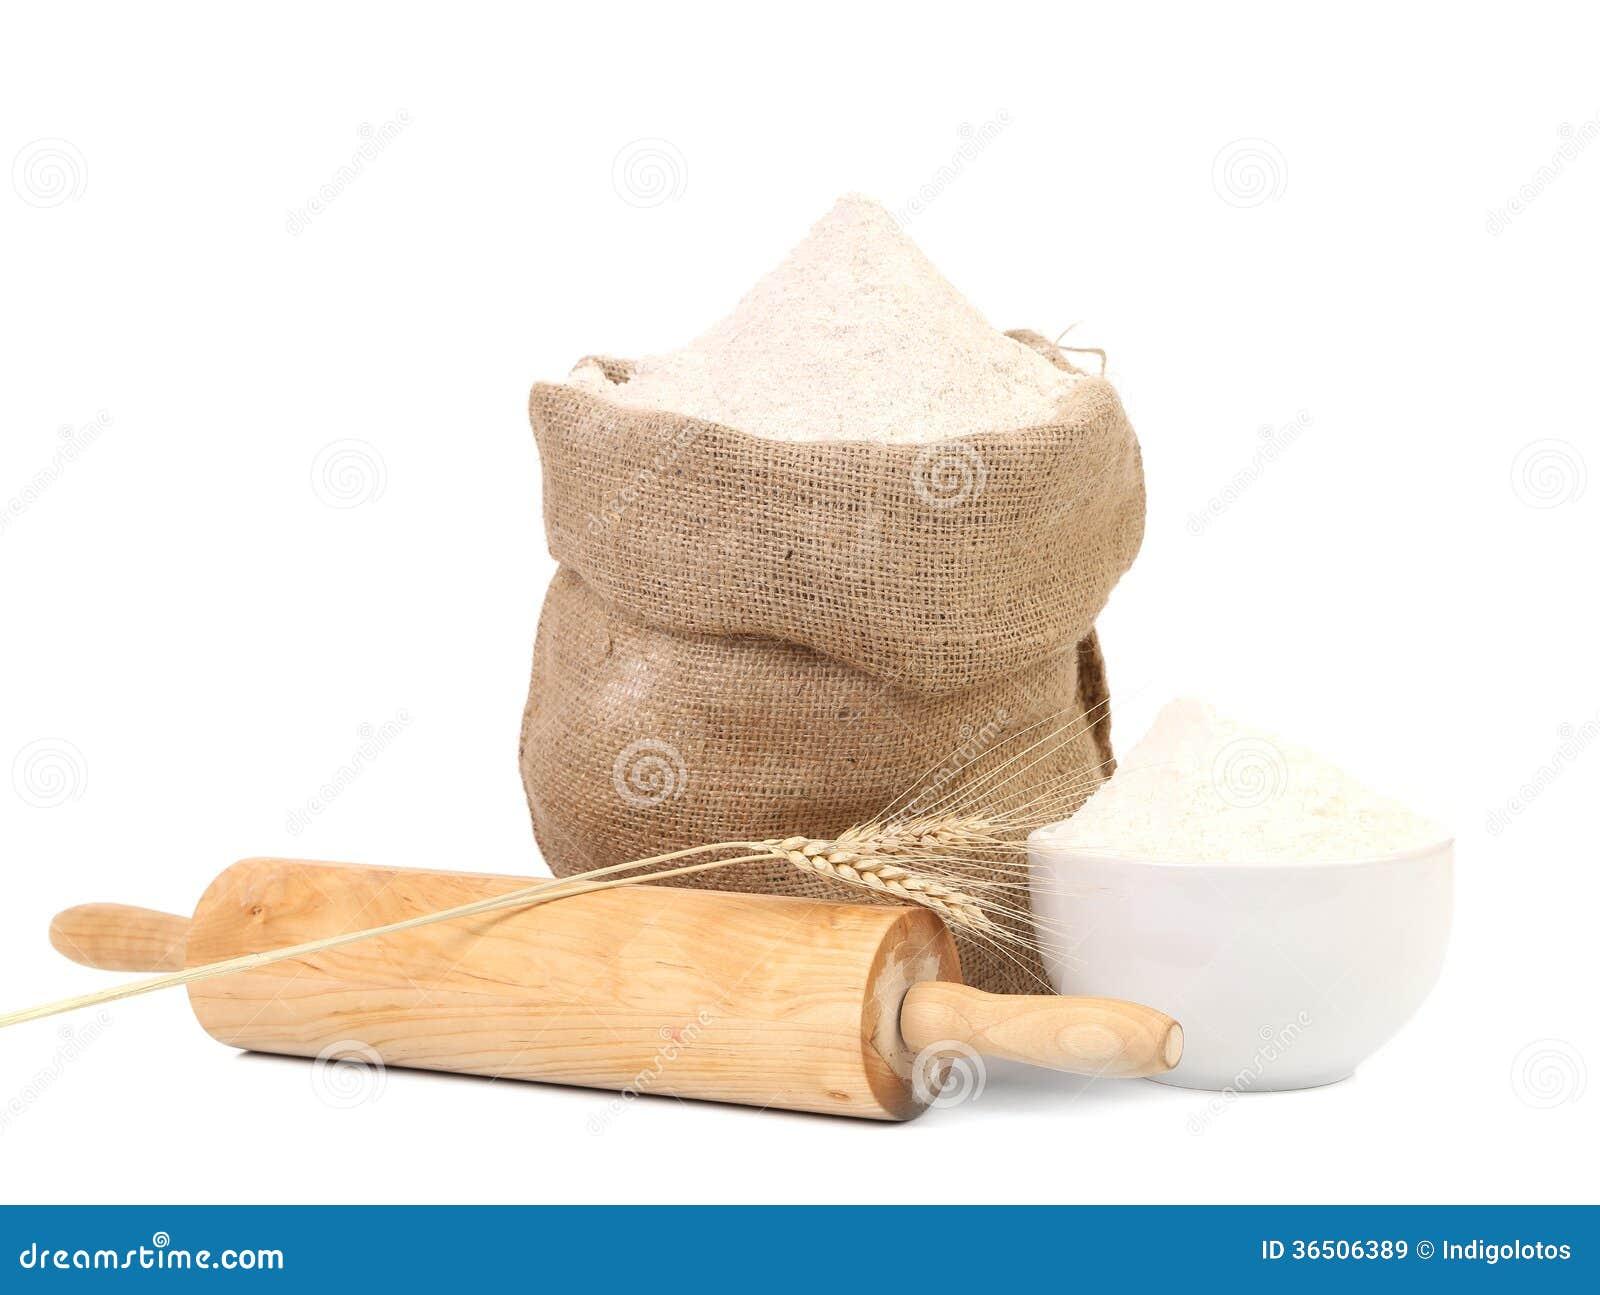 Farina bianca e matterello.